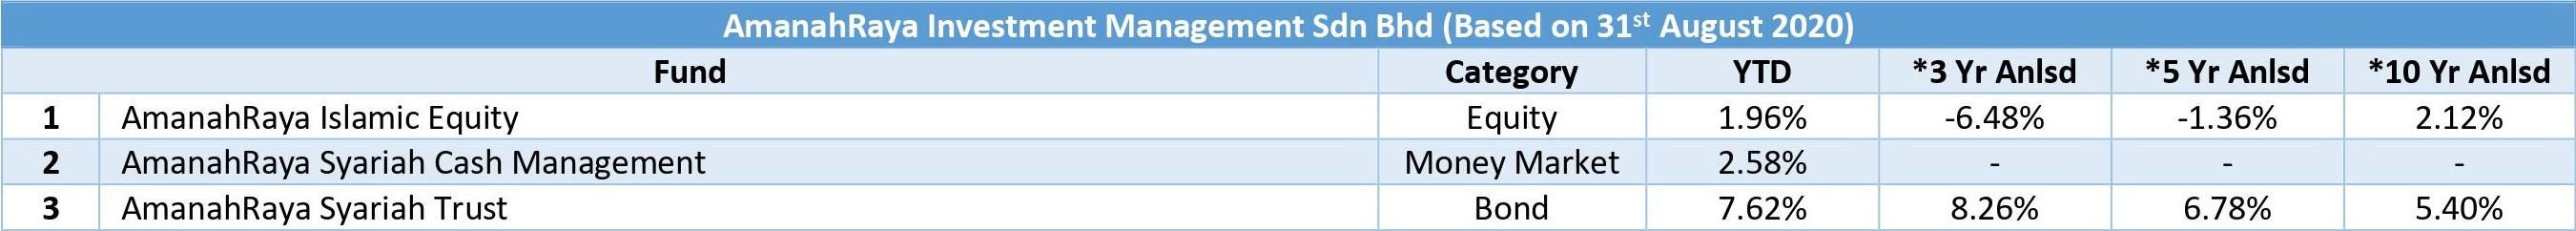 Amislamic funds management